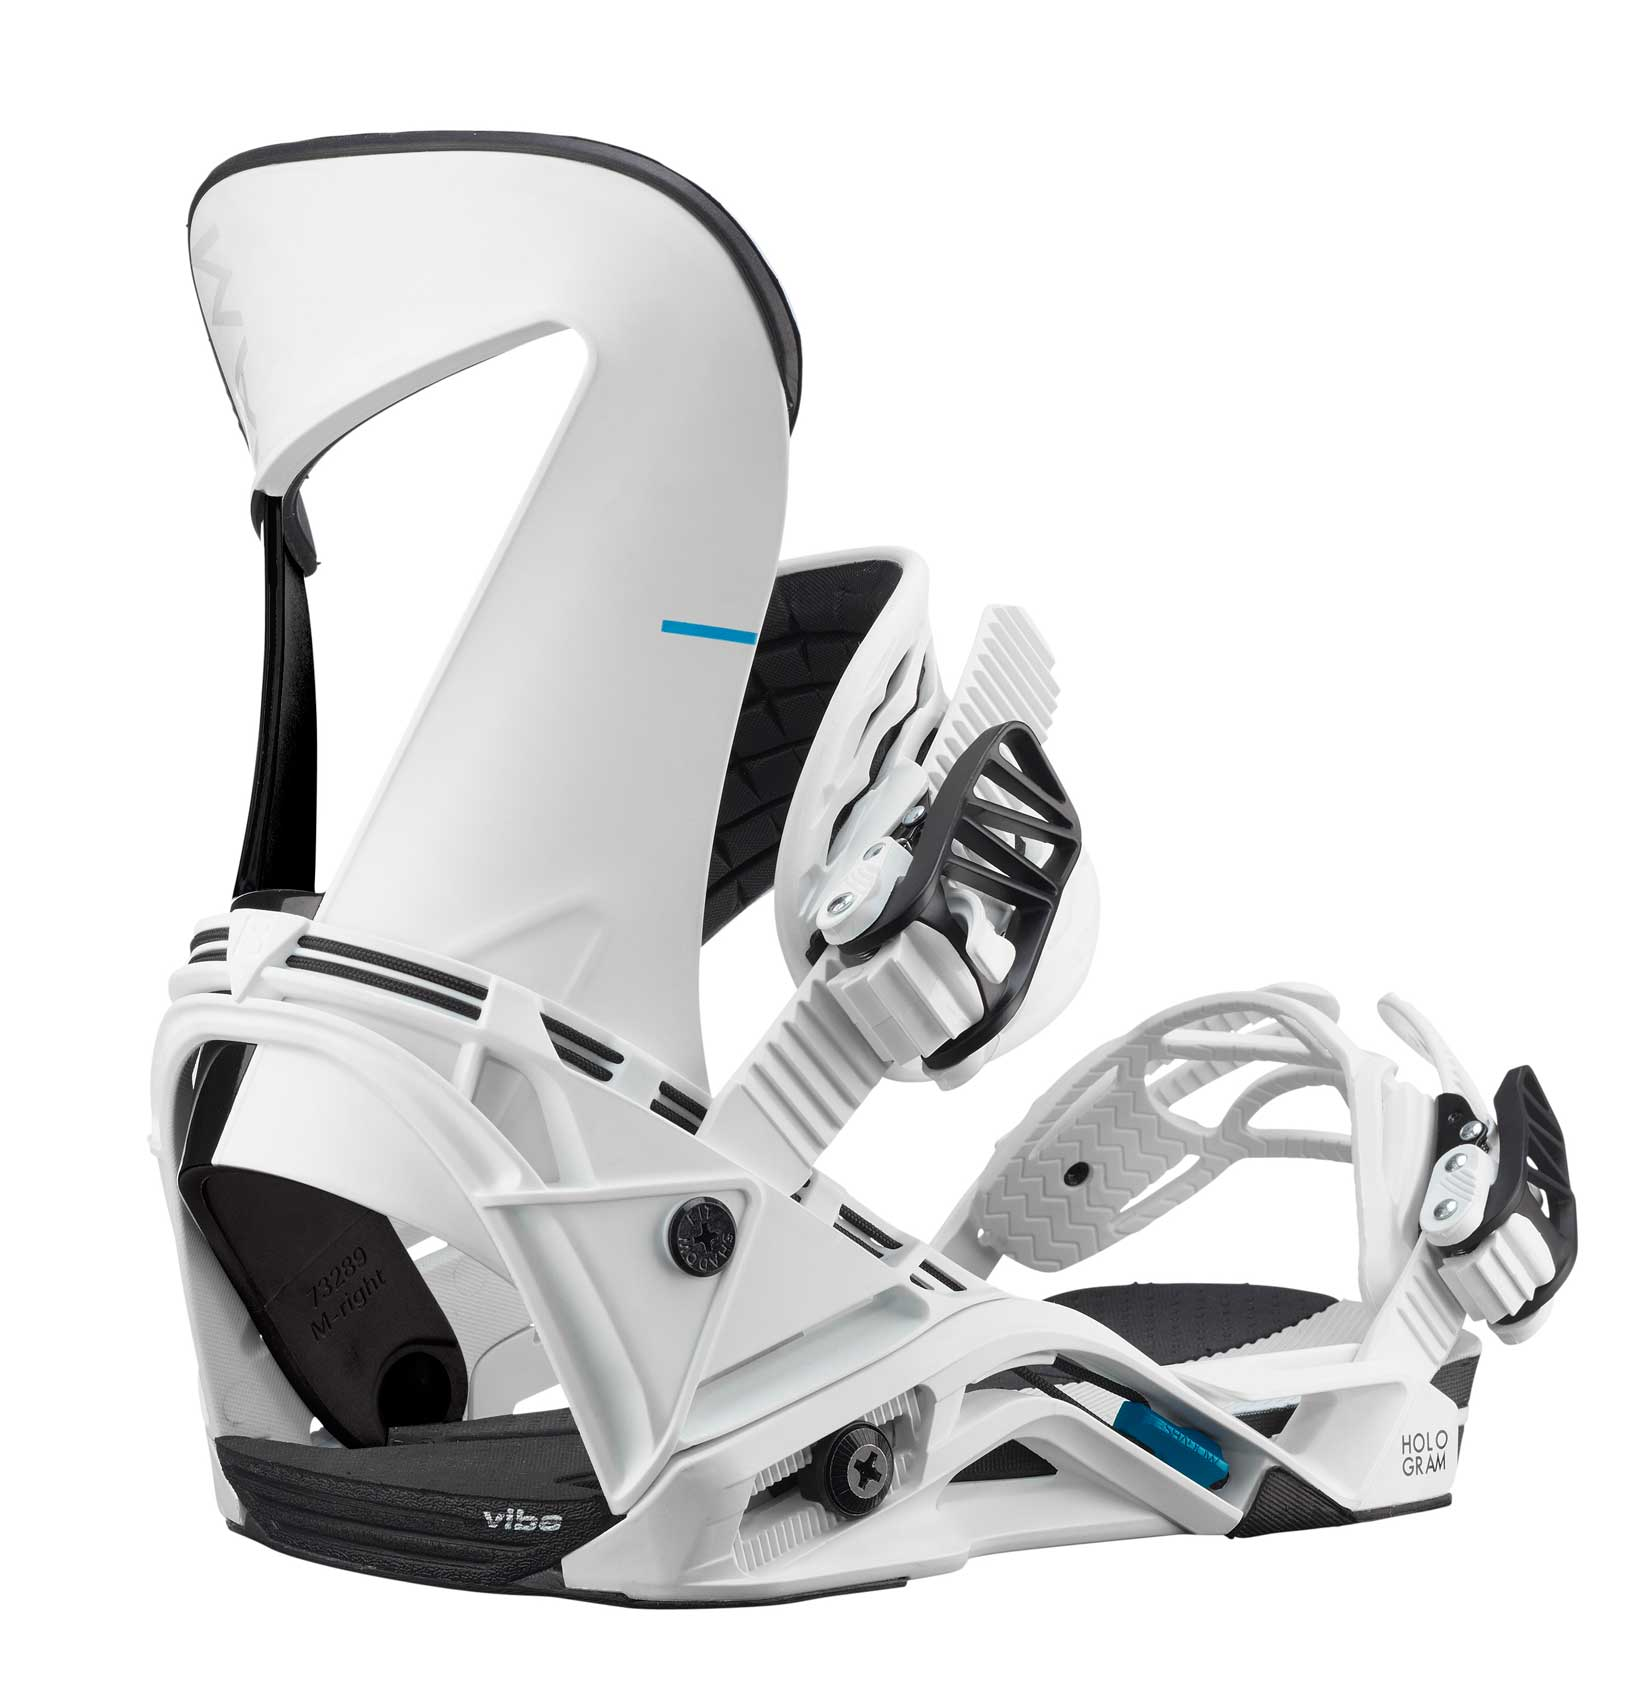 Salomon Hologram Snowboard Bindings review